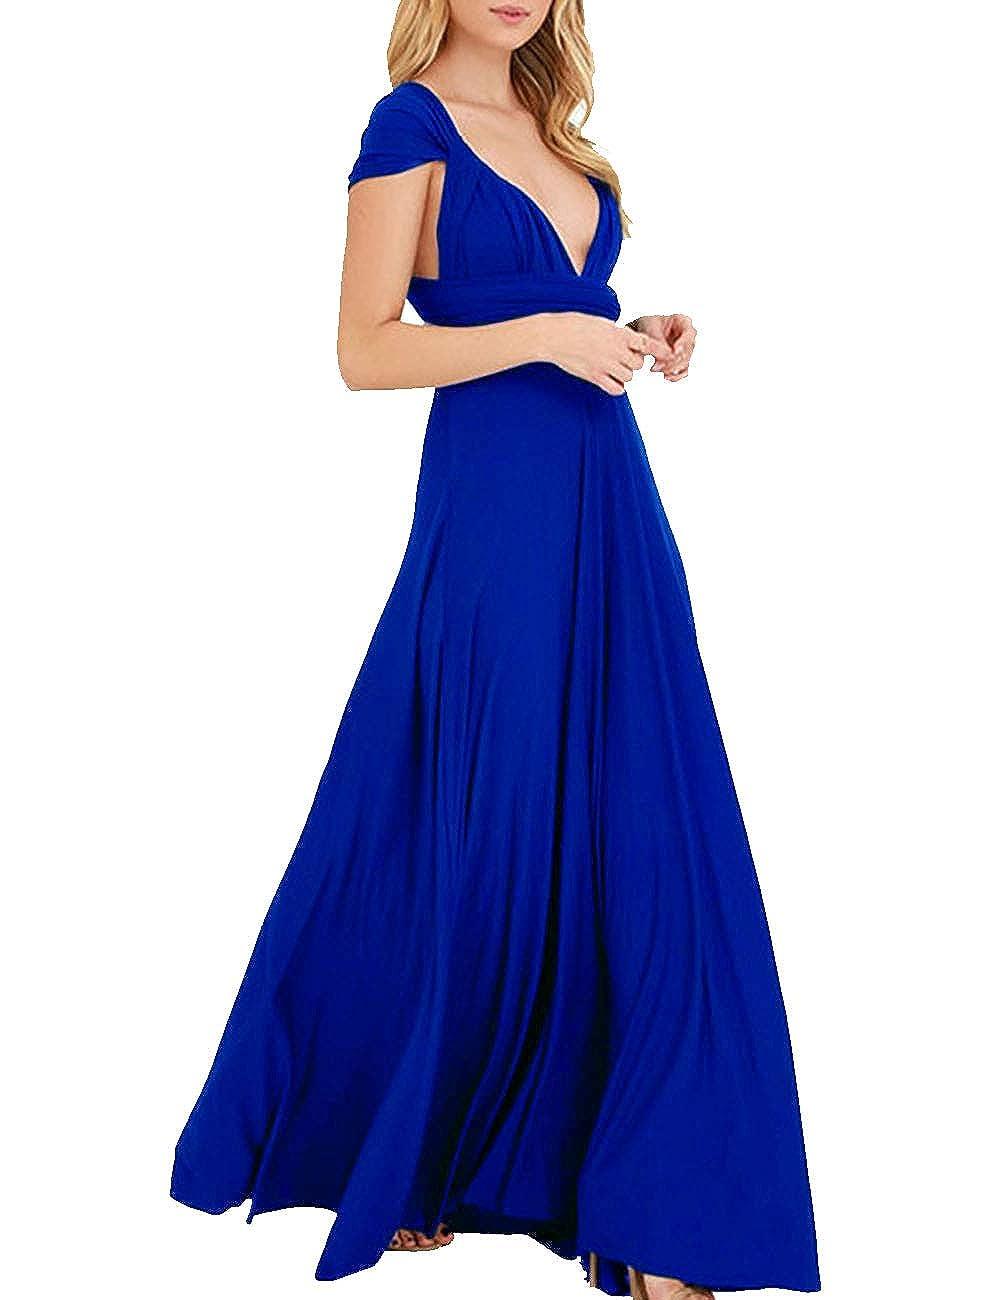 TALLA L. EMMA Mujeres Falda Larga de Cóctel Vestido de Noche Dama de Honor Elegante sin Respaldo Azul Zafiro